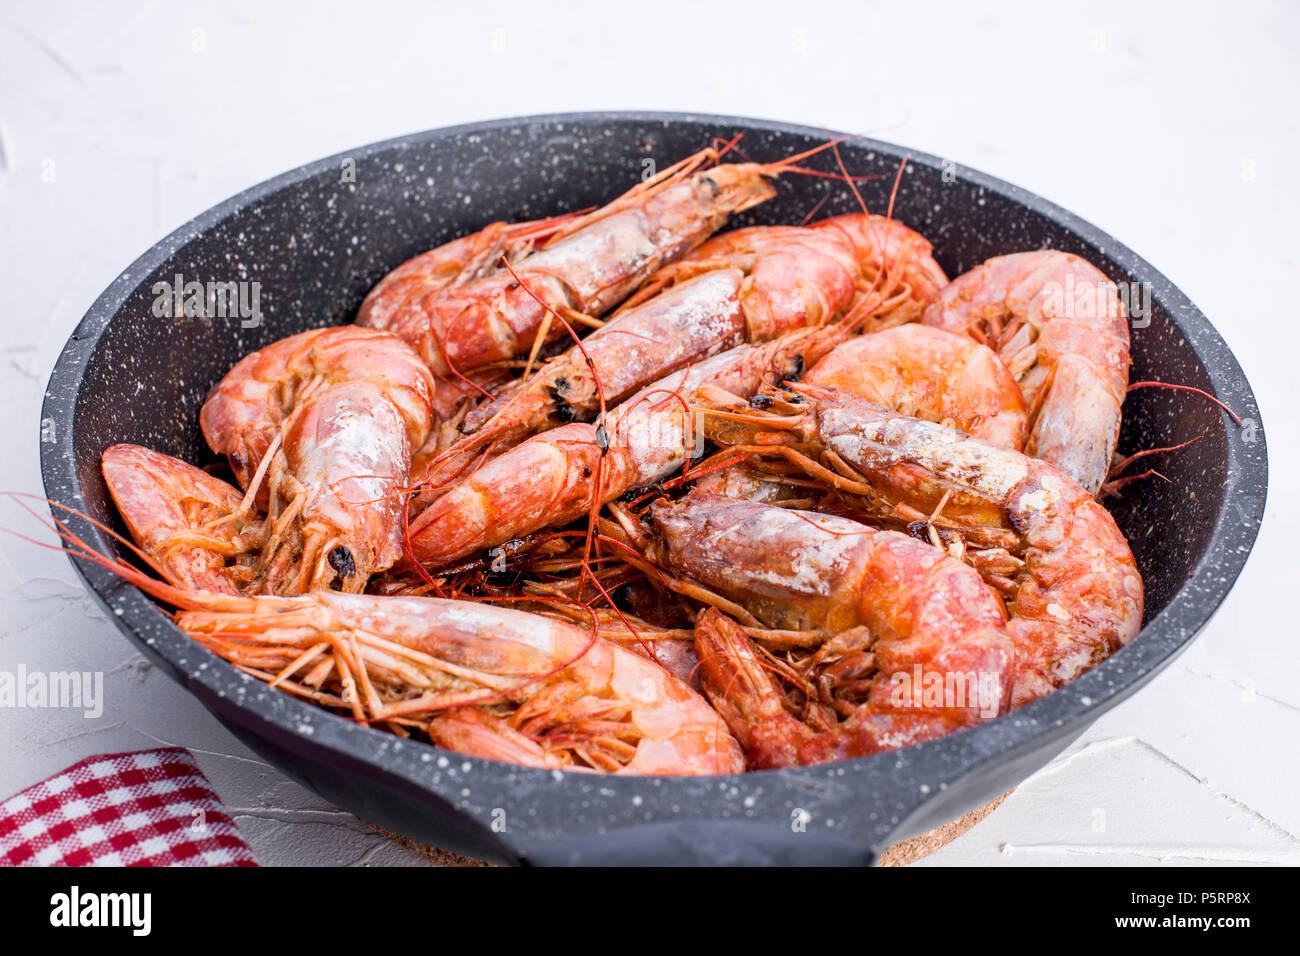 Grosses crevettes frits dans une poêle. Sur un tableau blanc. Le déjeuner de fruits de mer. Espace libre pour le texte. Copy space Photo Stock